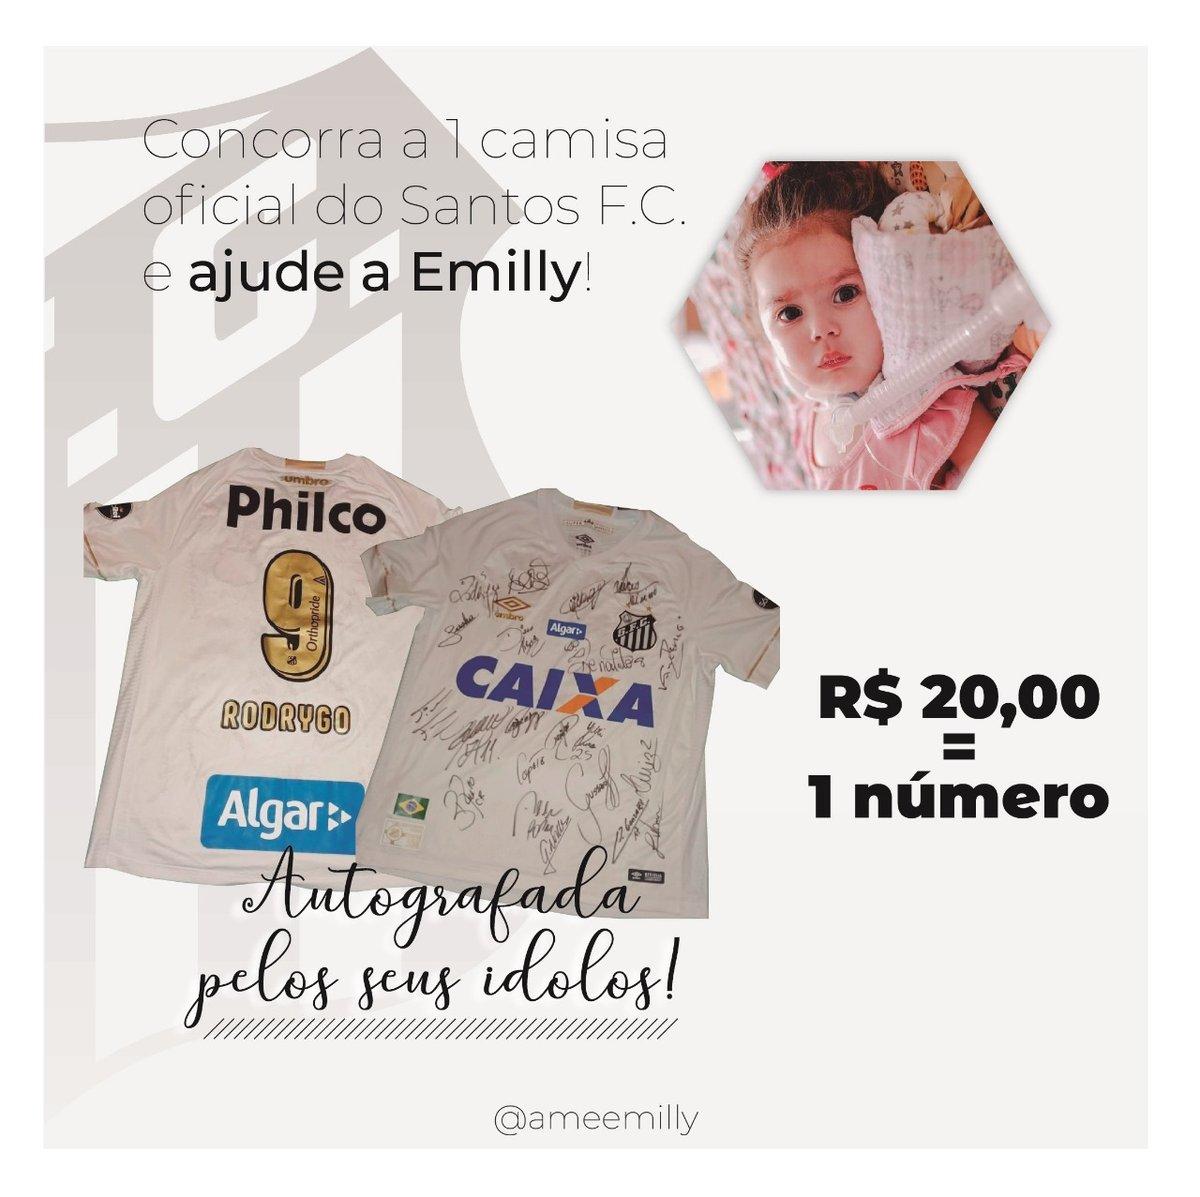 #SORTEIO Camisa do Santos Autografada  Por favor, participem e compartilhem com todos os Santistas que vocês conhecem! A Emilly precisa de nós! pic.twitter.com/EHH7KArcsC